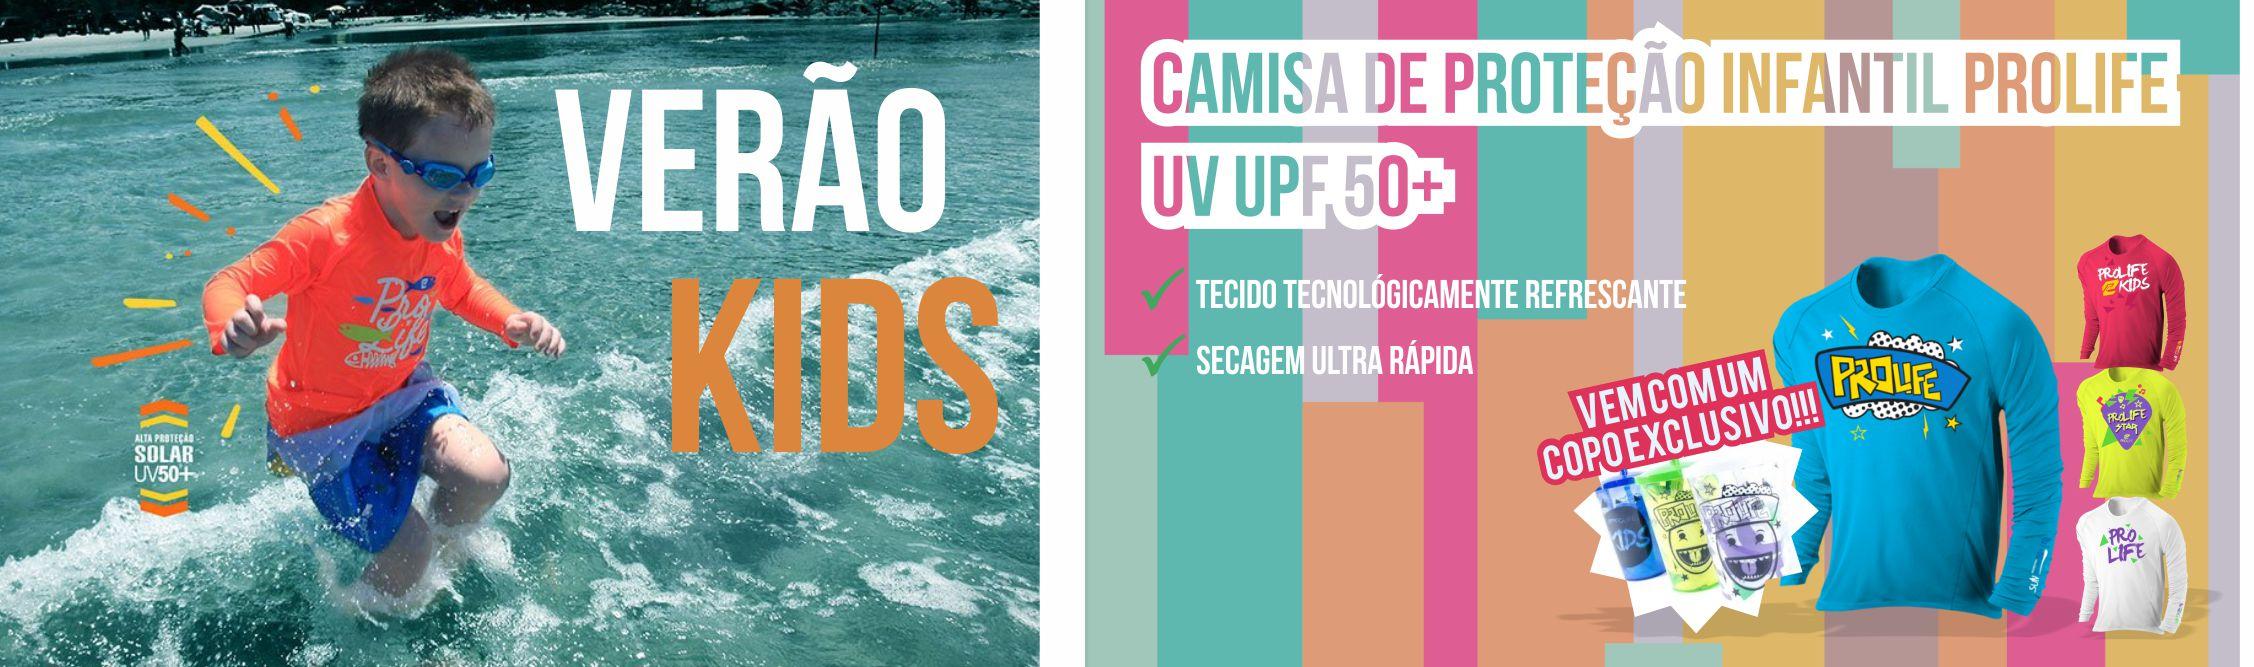 016356760b863 VERÃO KIDS · COLETE INFANTIL CRAZY SHARK PROLIFE · PRANCHAS SURF